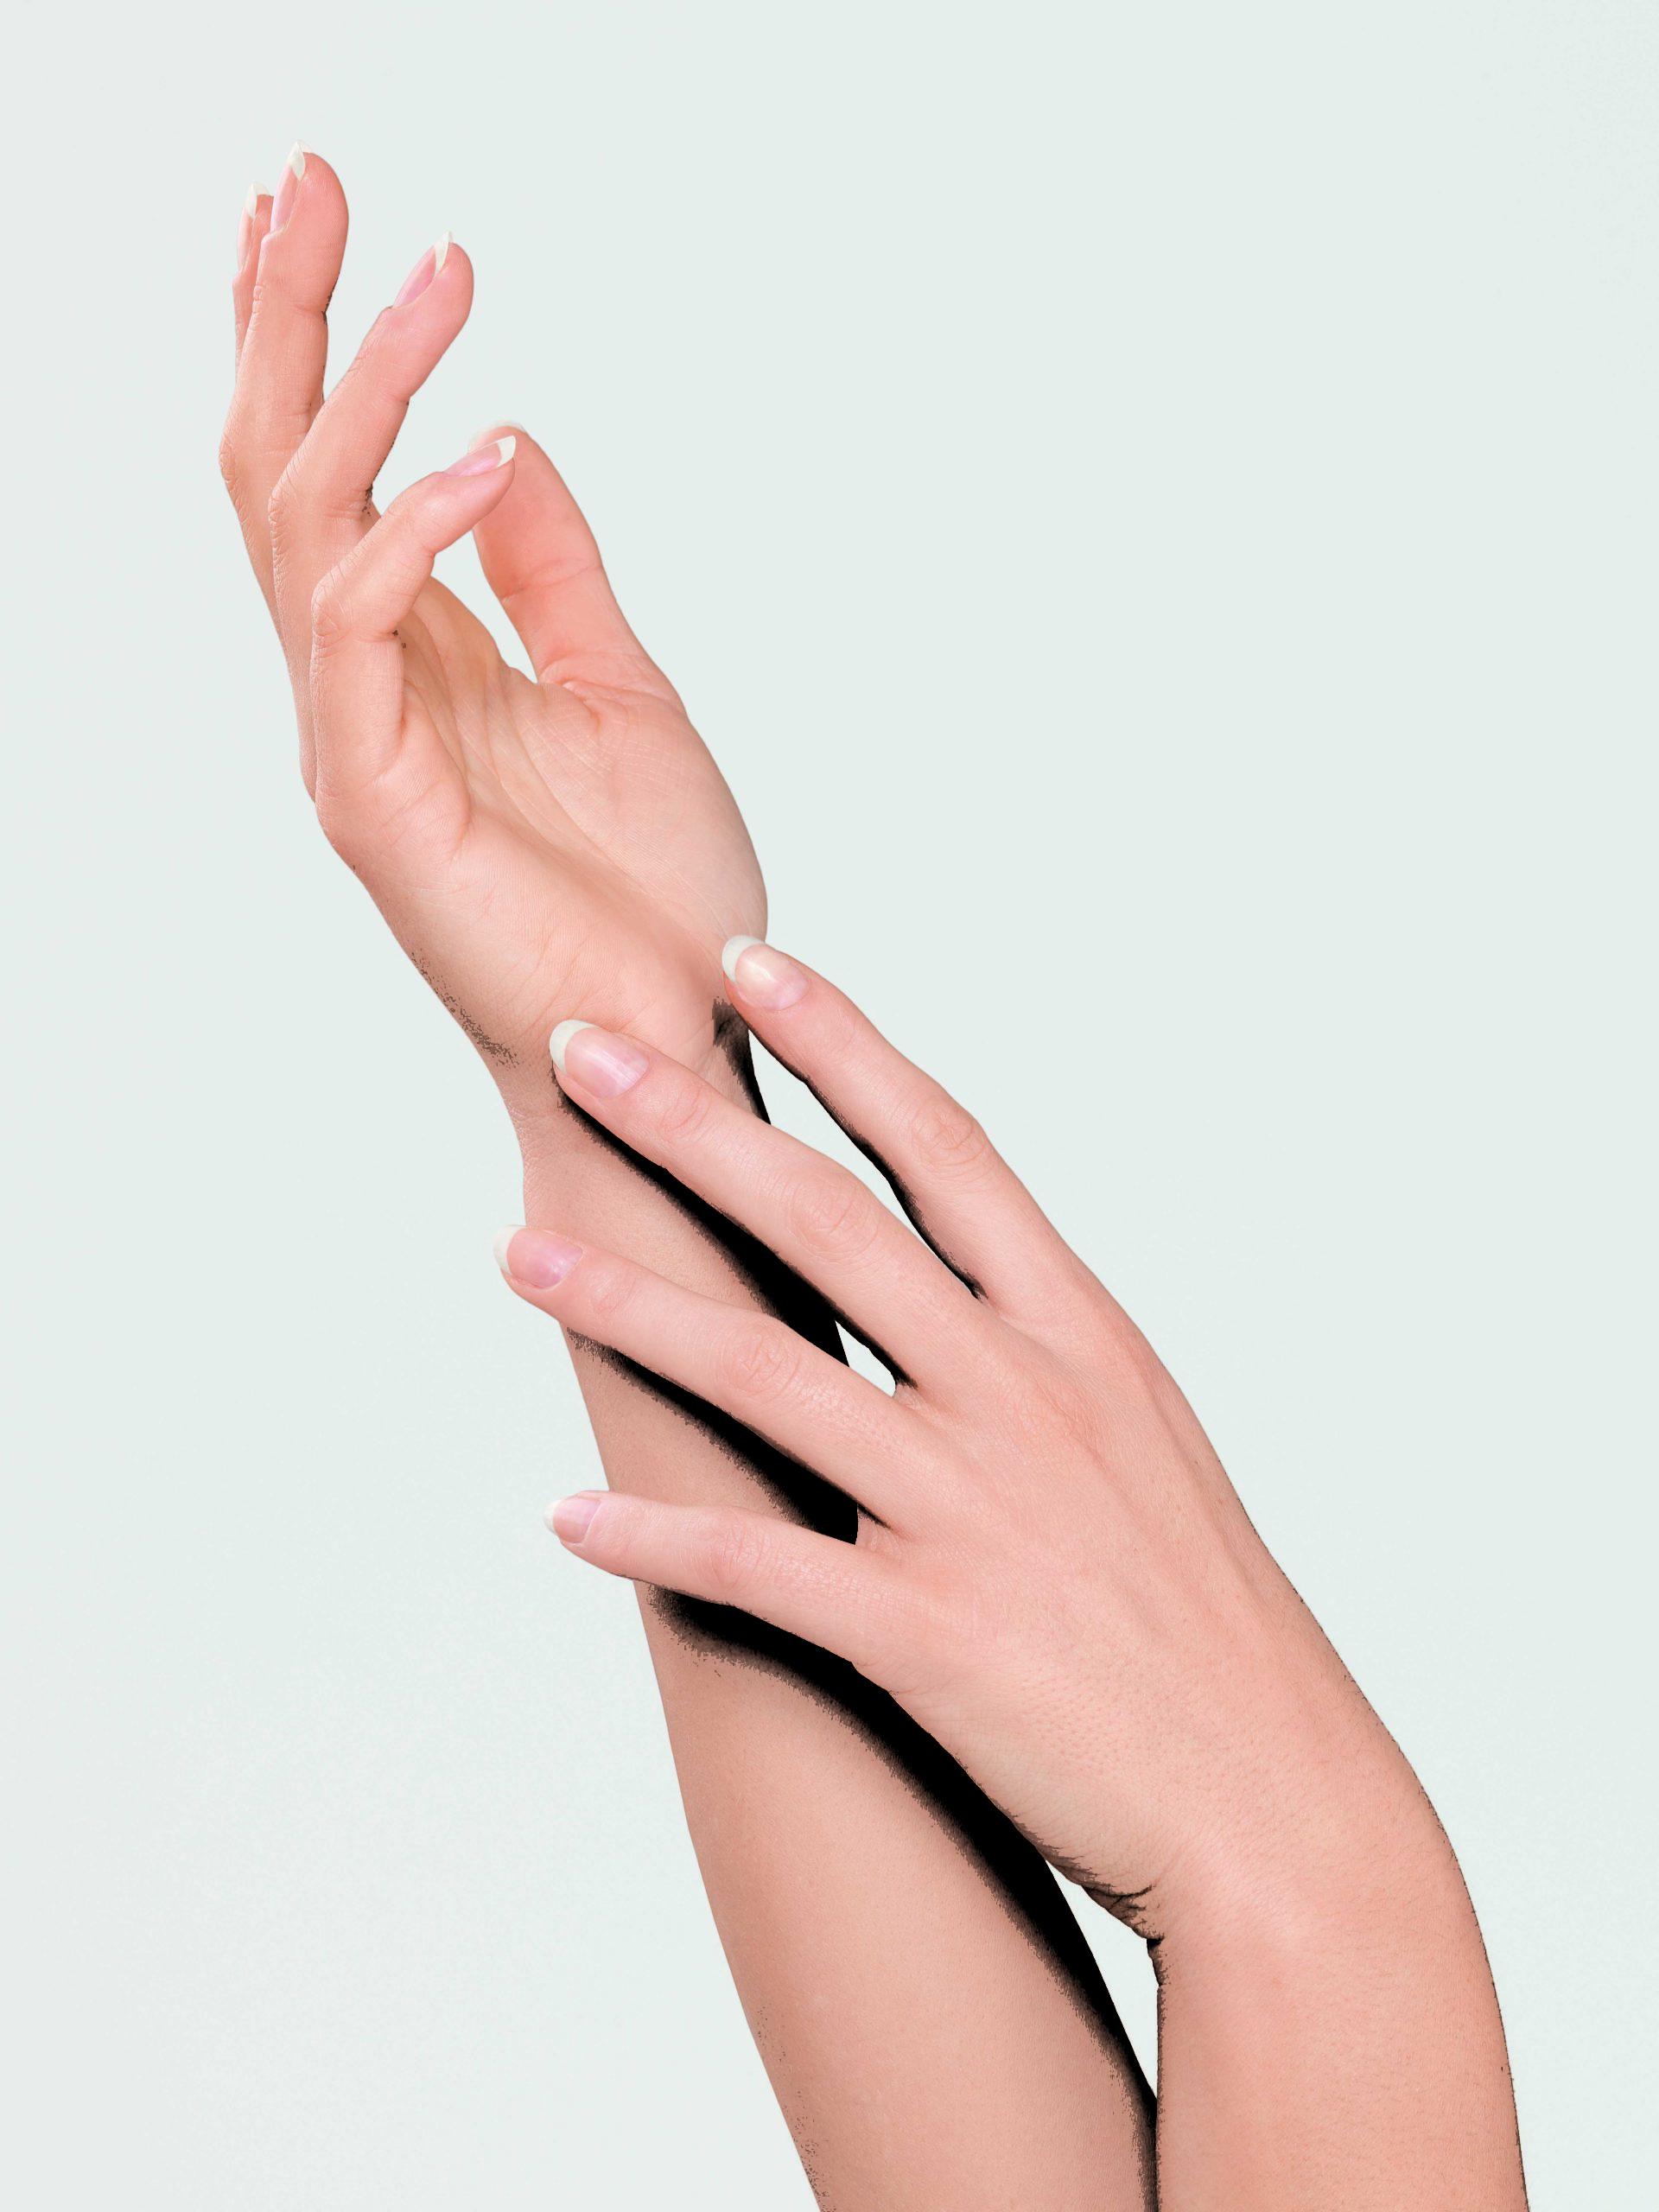 Woman_Hands_0012